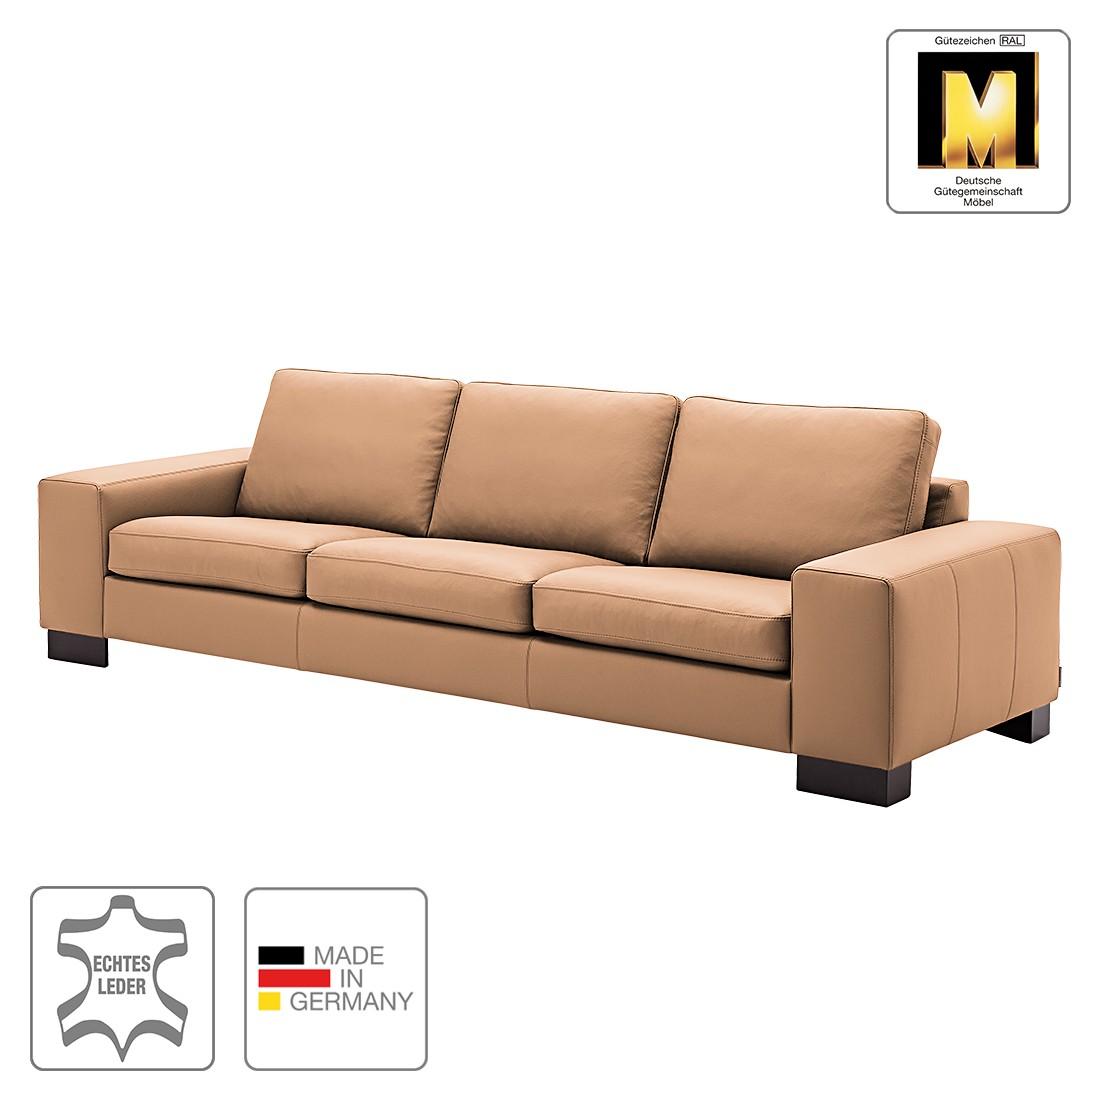 Sofa Matador (4-Sitzer) - Echtleder - Taupe - Ohne Kissen, Machalke Polsterwerkstätten